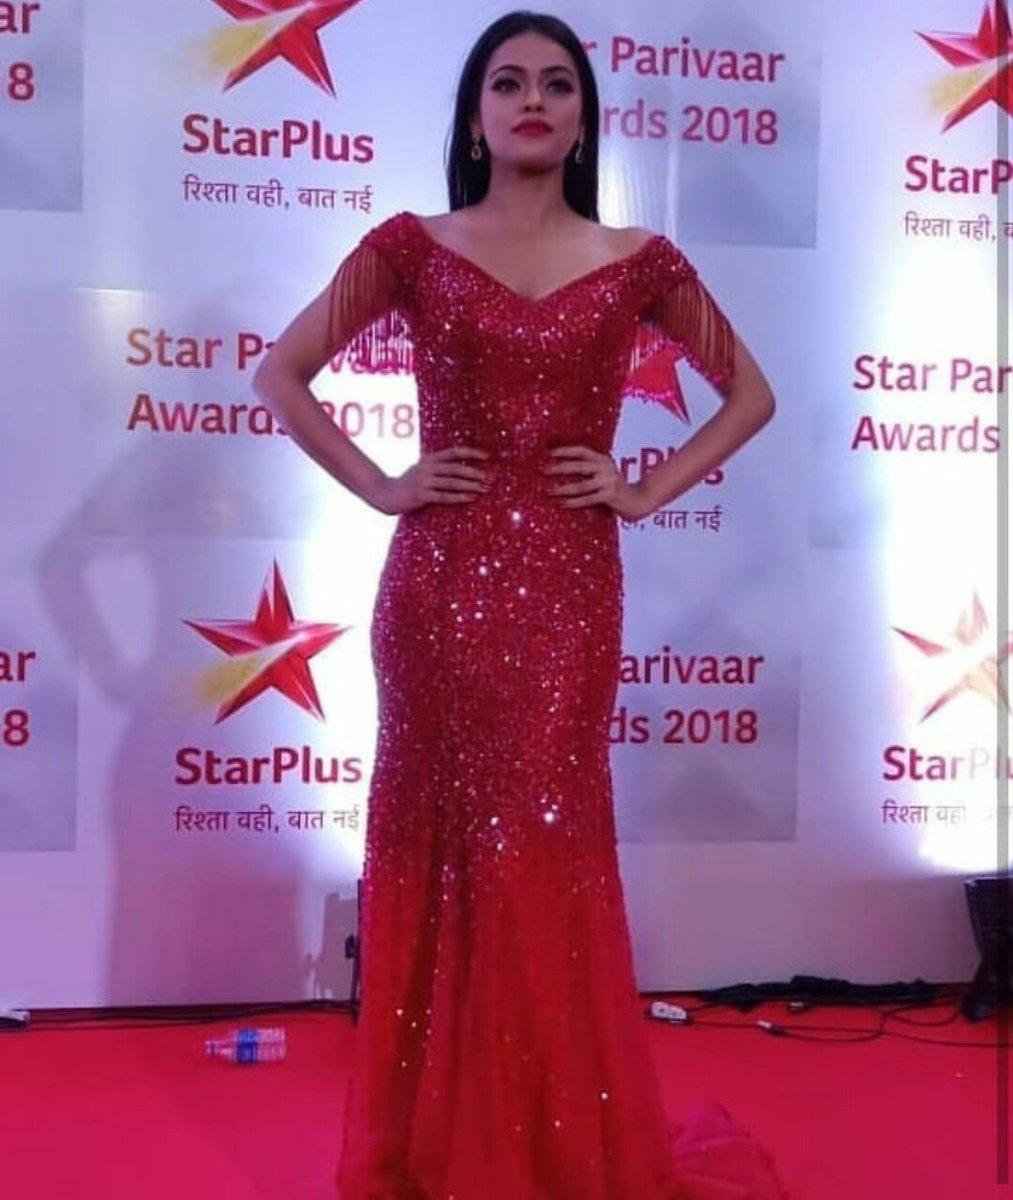 Star parivar award pics